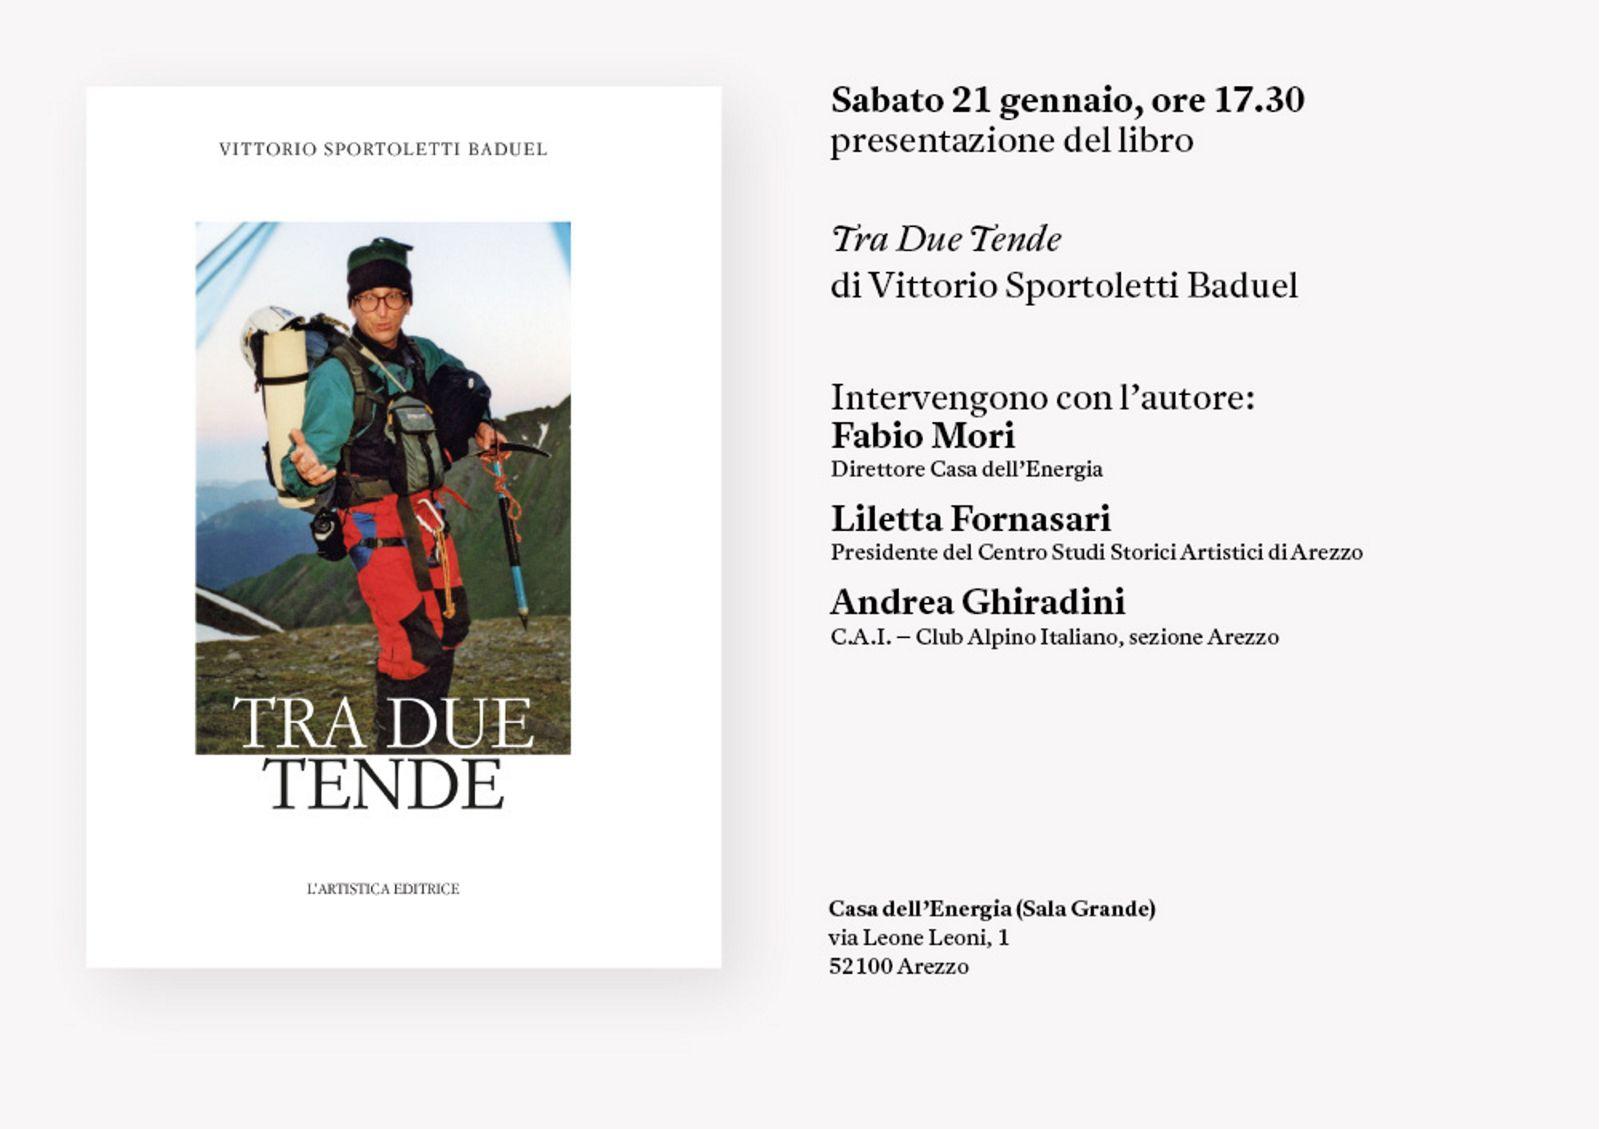 Sabato 21 gennaio 2017 Presentazione del libro